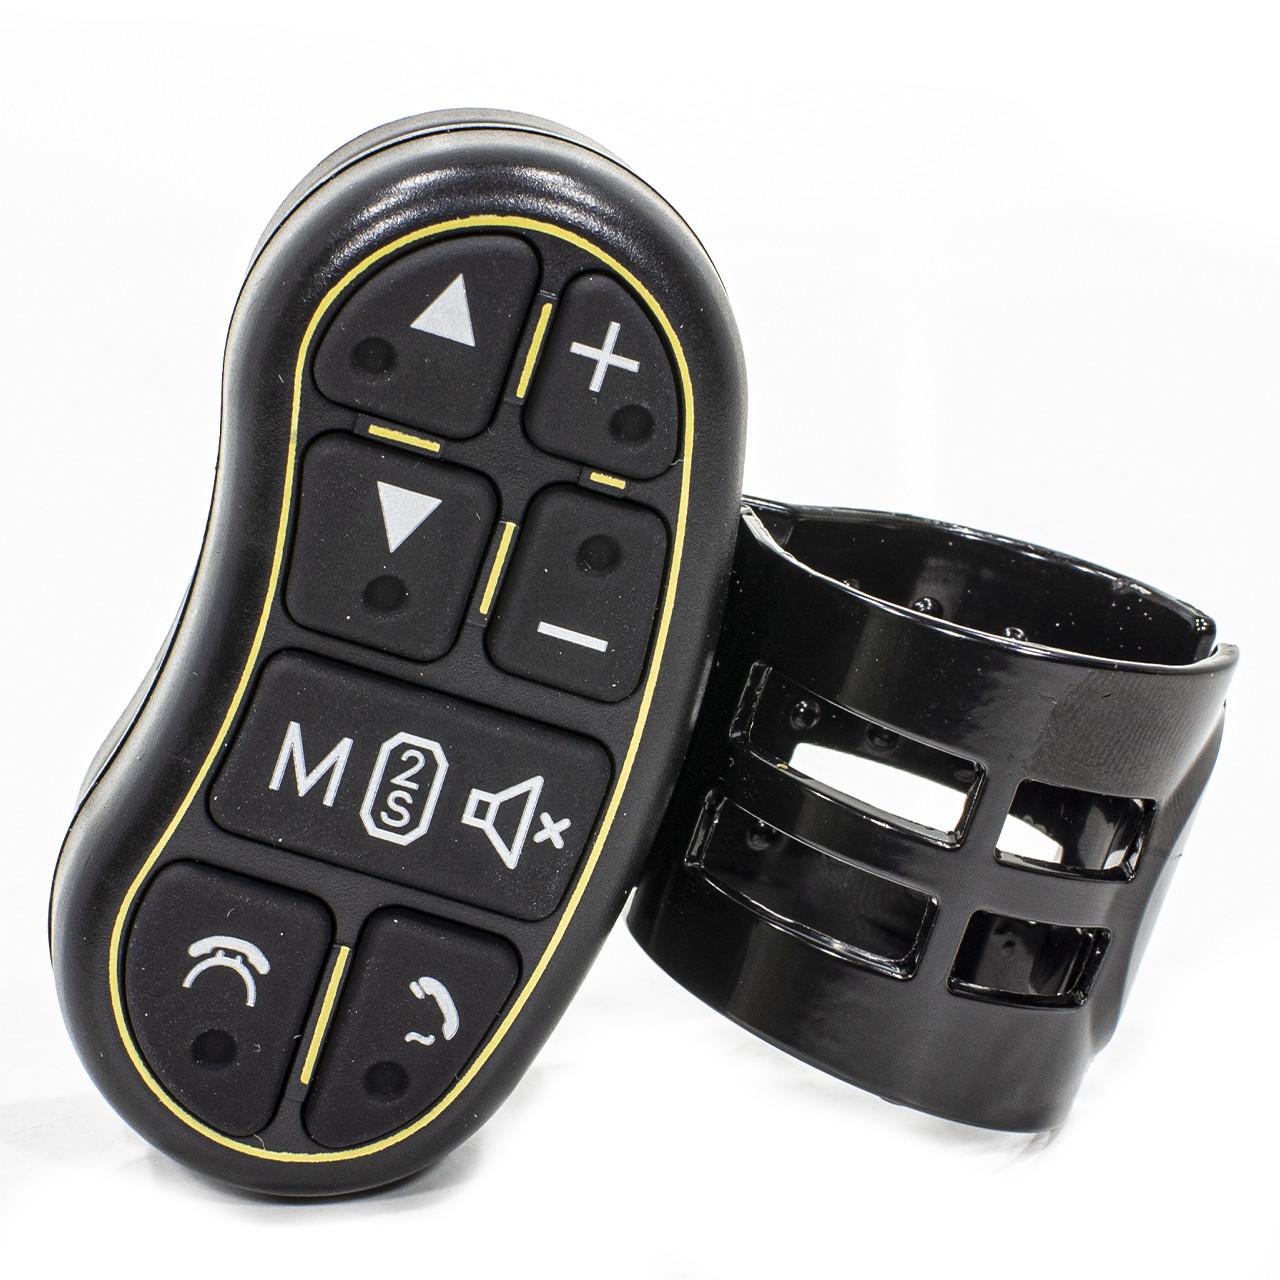 ➔Универсальный пульт управления магнитолой Terra XJ-1 ДУ на руль автомобиля